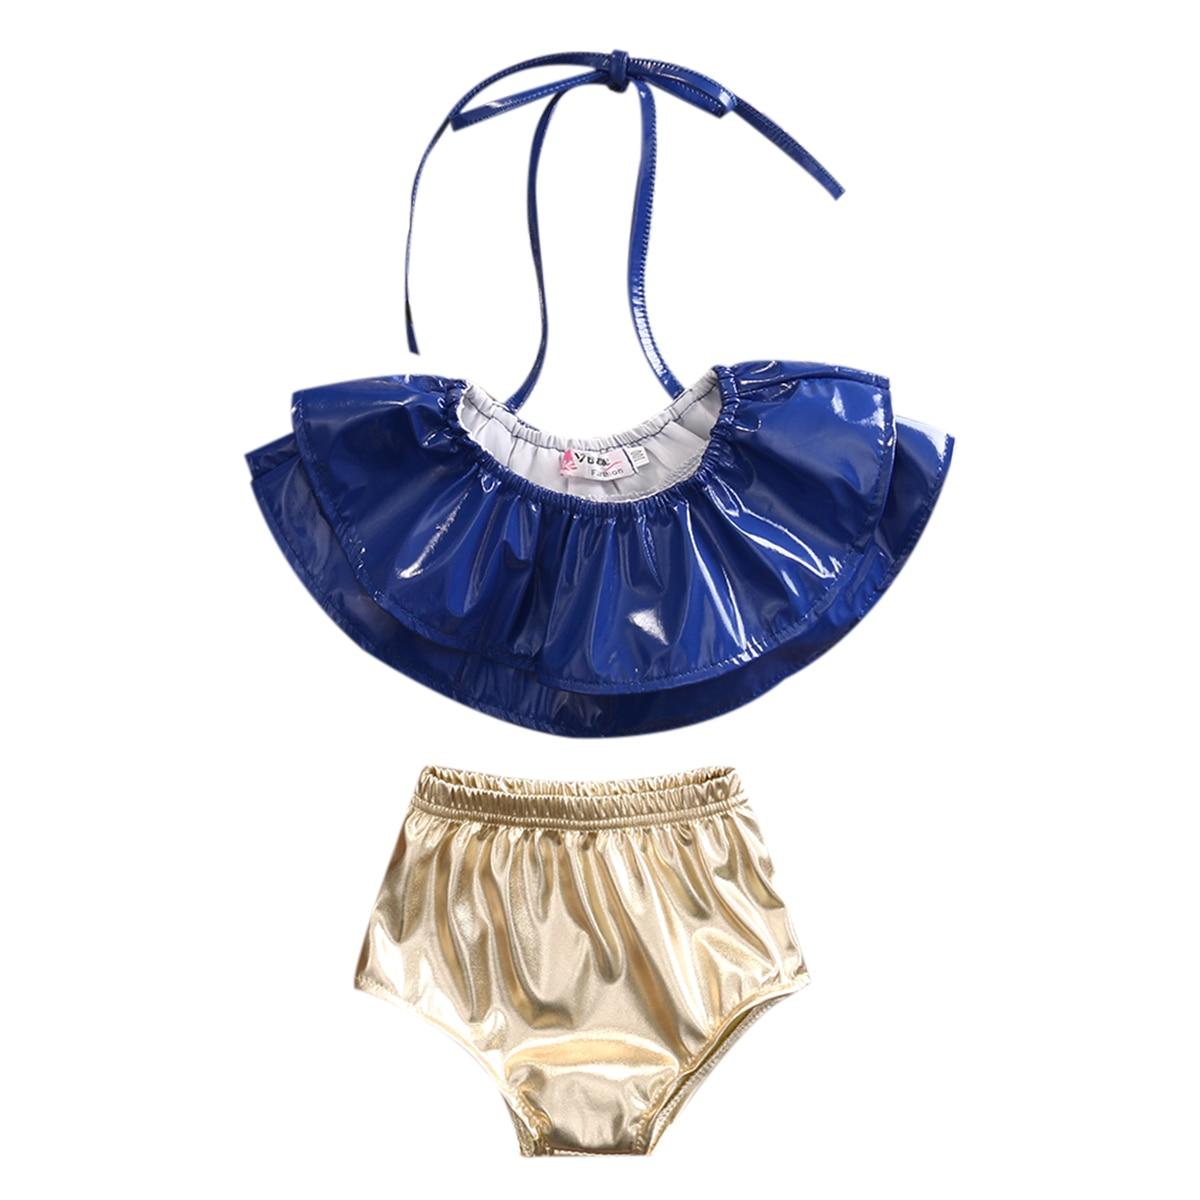 Black Friday Deals New 2018 Summer Newborn Baby Kids Girls Blue Ruffle Swimwear Bikini Set Tankini Swimsuit Swimming Costume